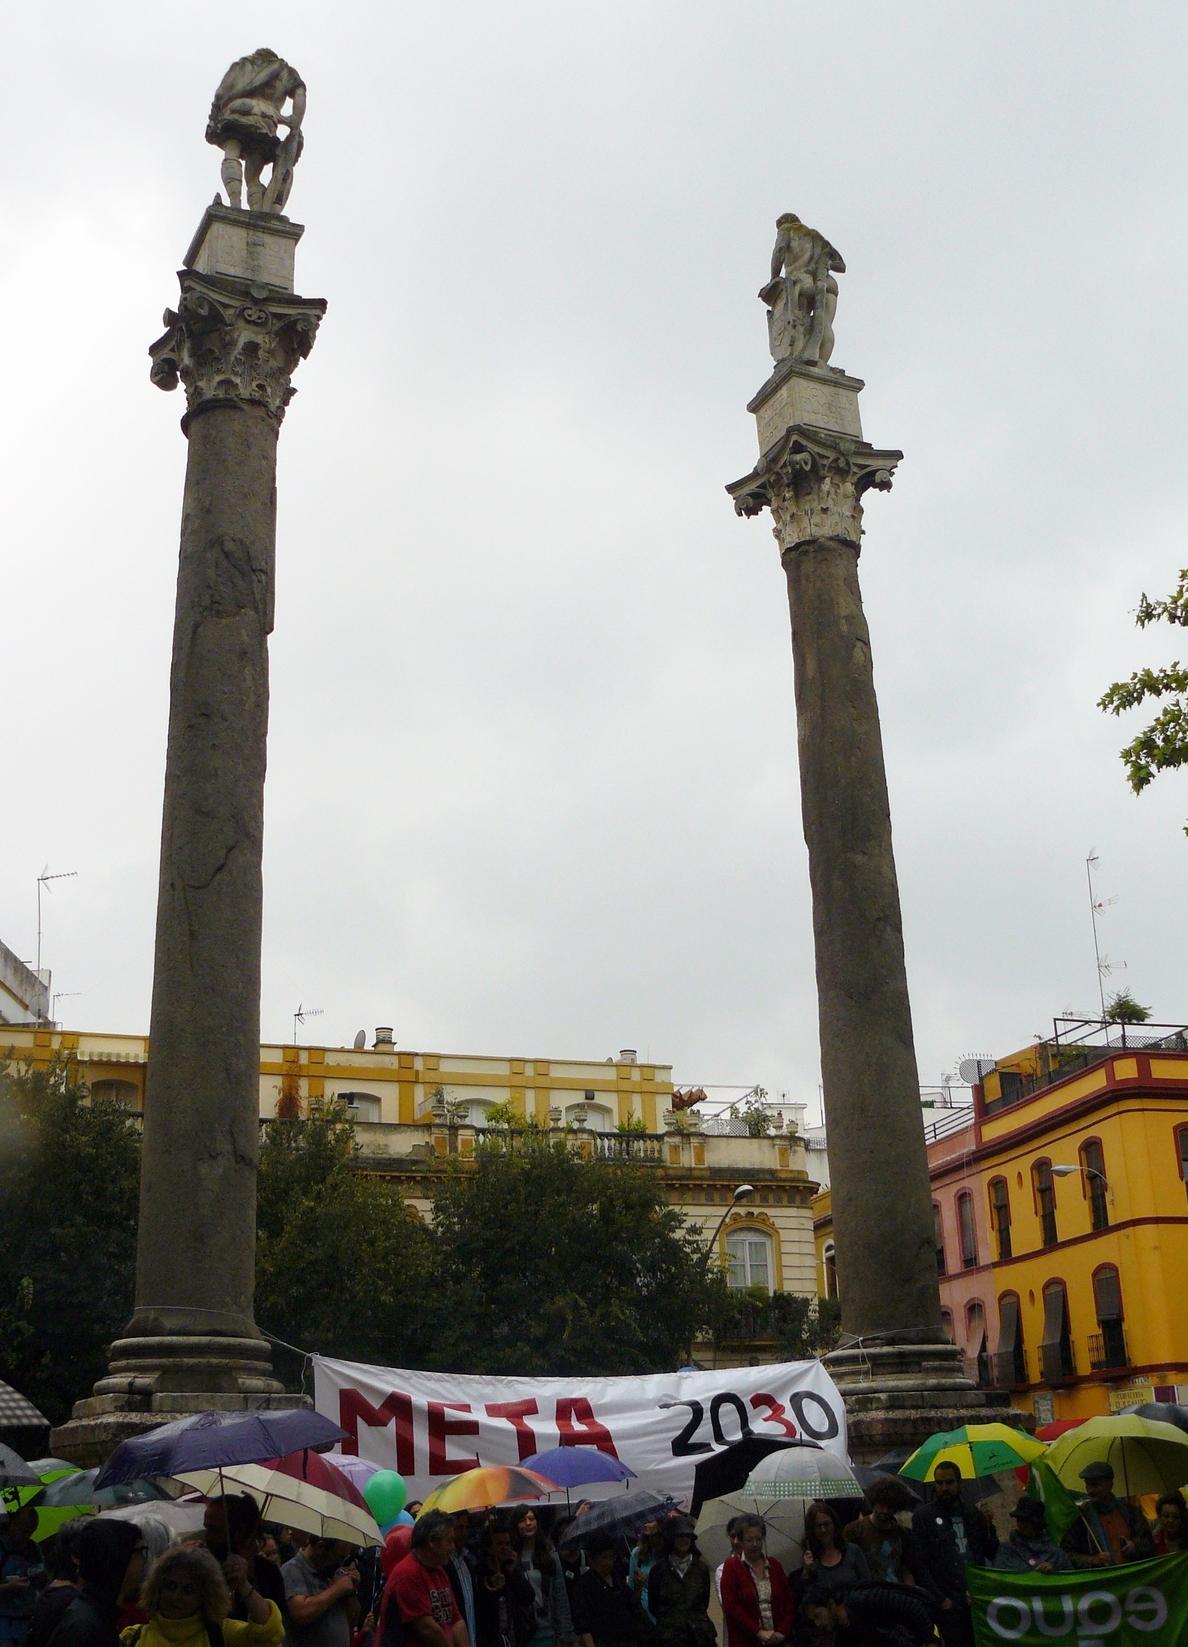 Cerca de 200 personas se unen contra la pobreza y la desigualdad en la Alameda de Hércules